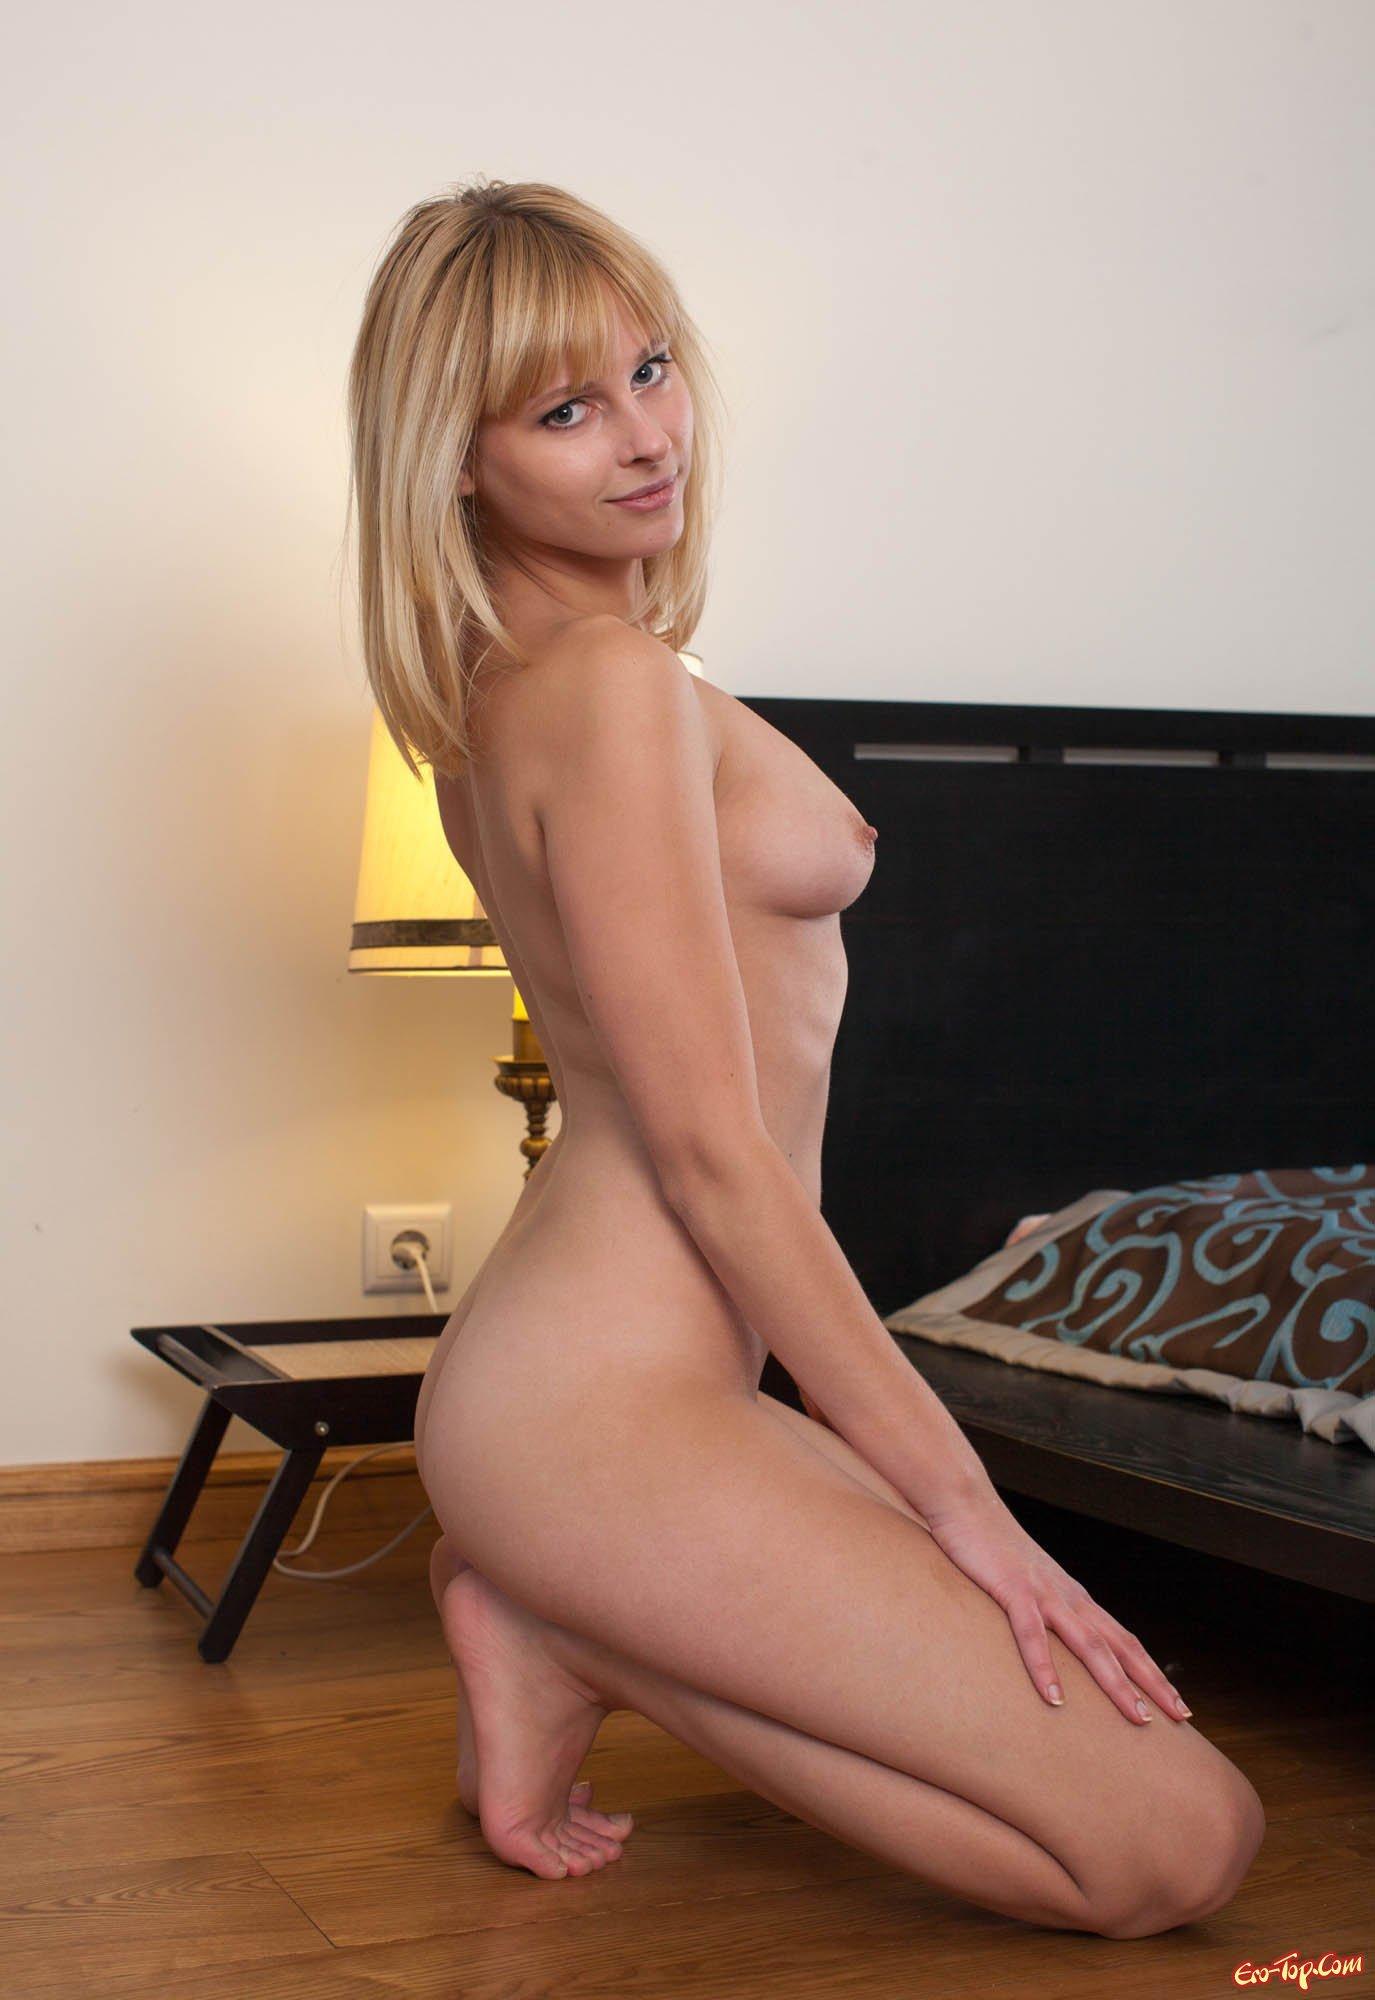 Голая блондинка раком